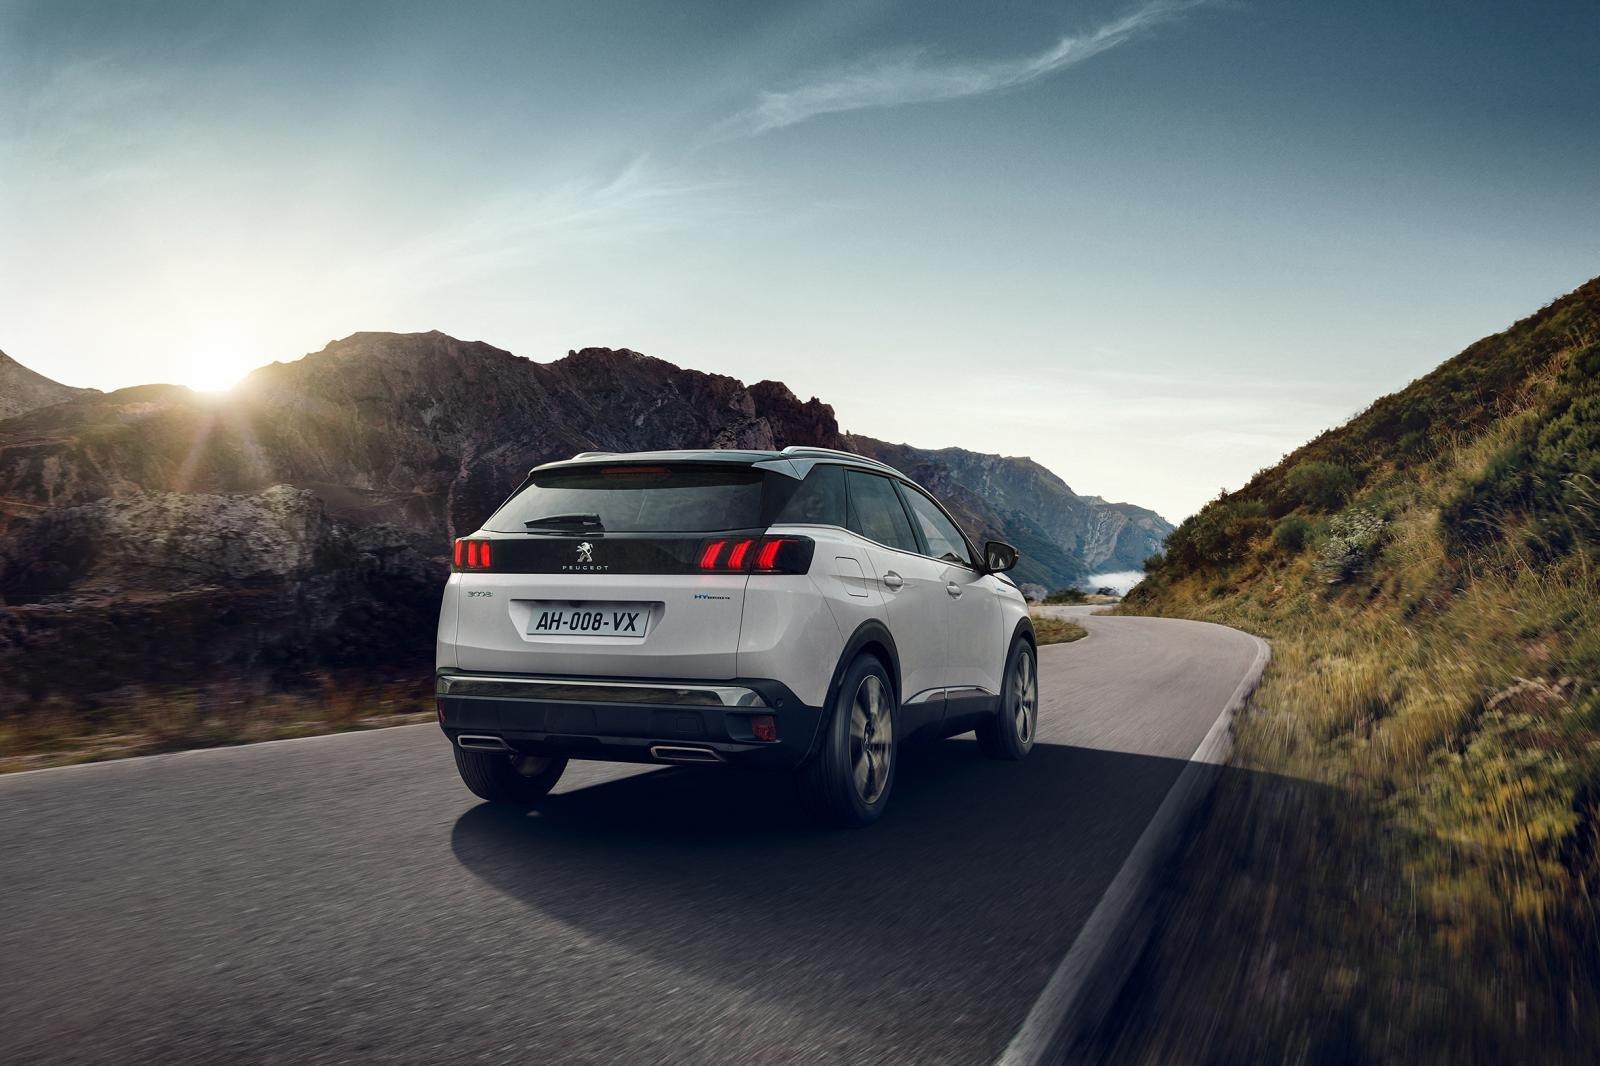 Đánh giá xe Peugeot 3008 2021 về cảm giác lái